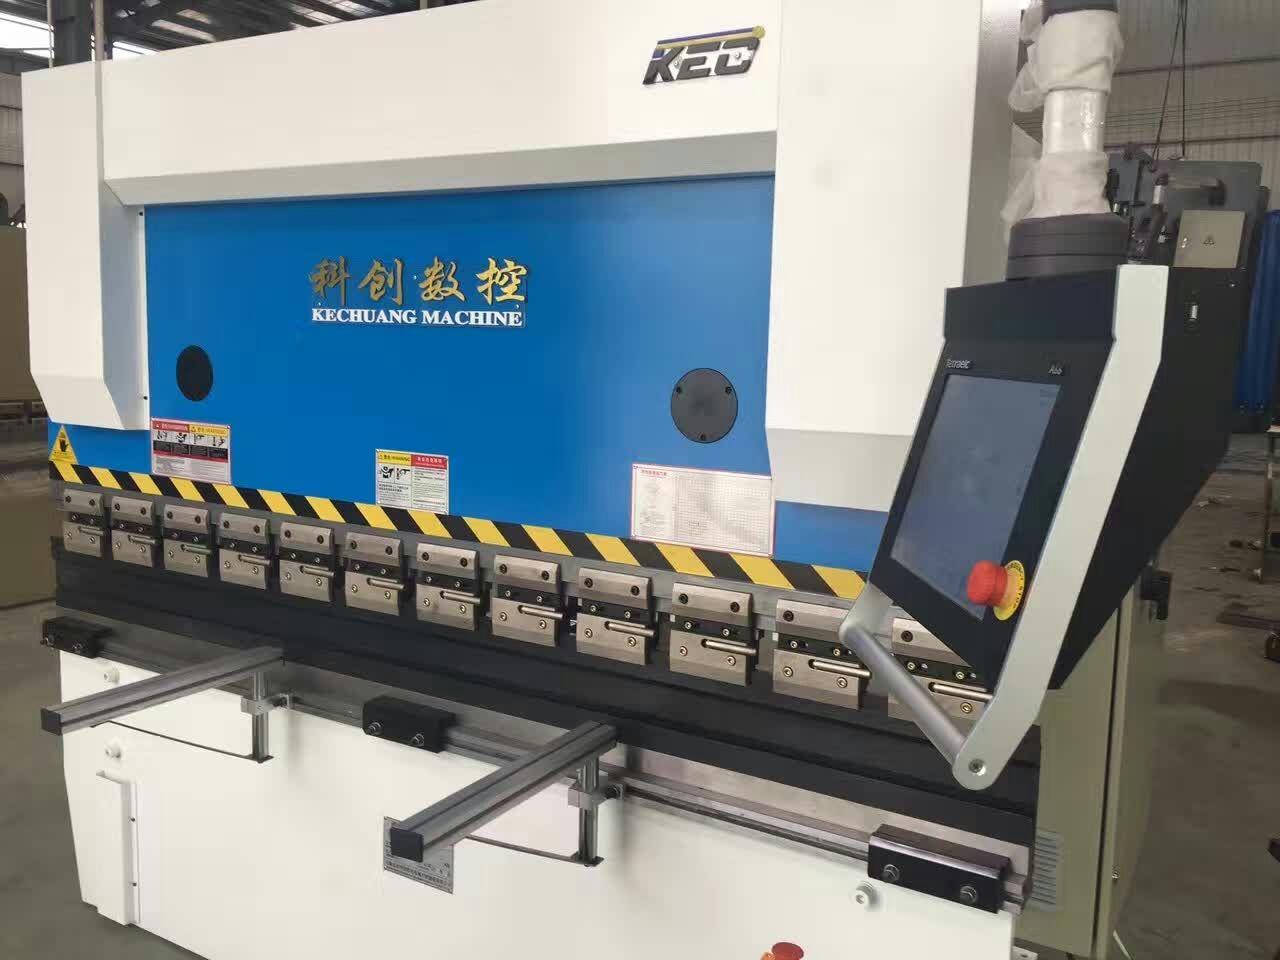 泾阳中通门业采购陕西折弯机系列产品63/2500型号数控折弯机一台